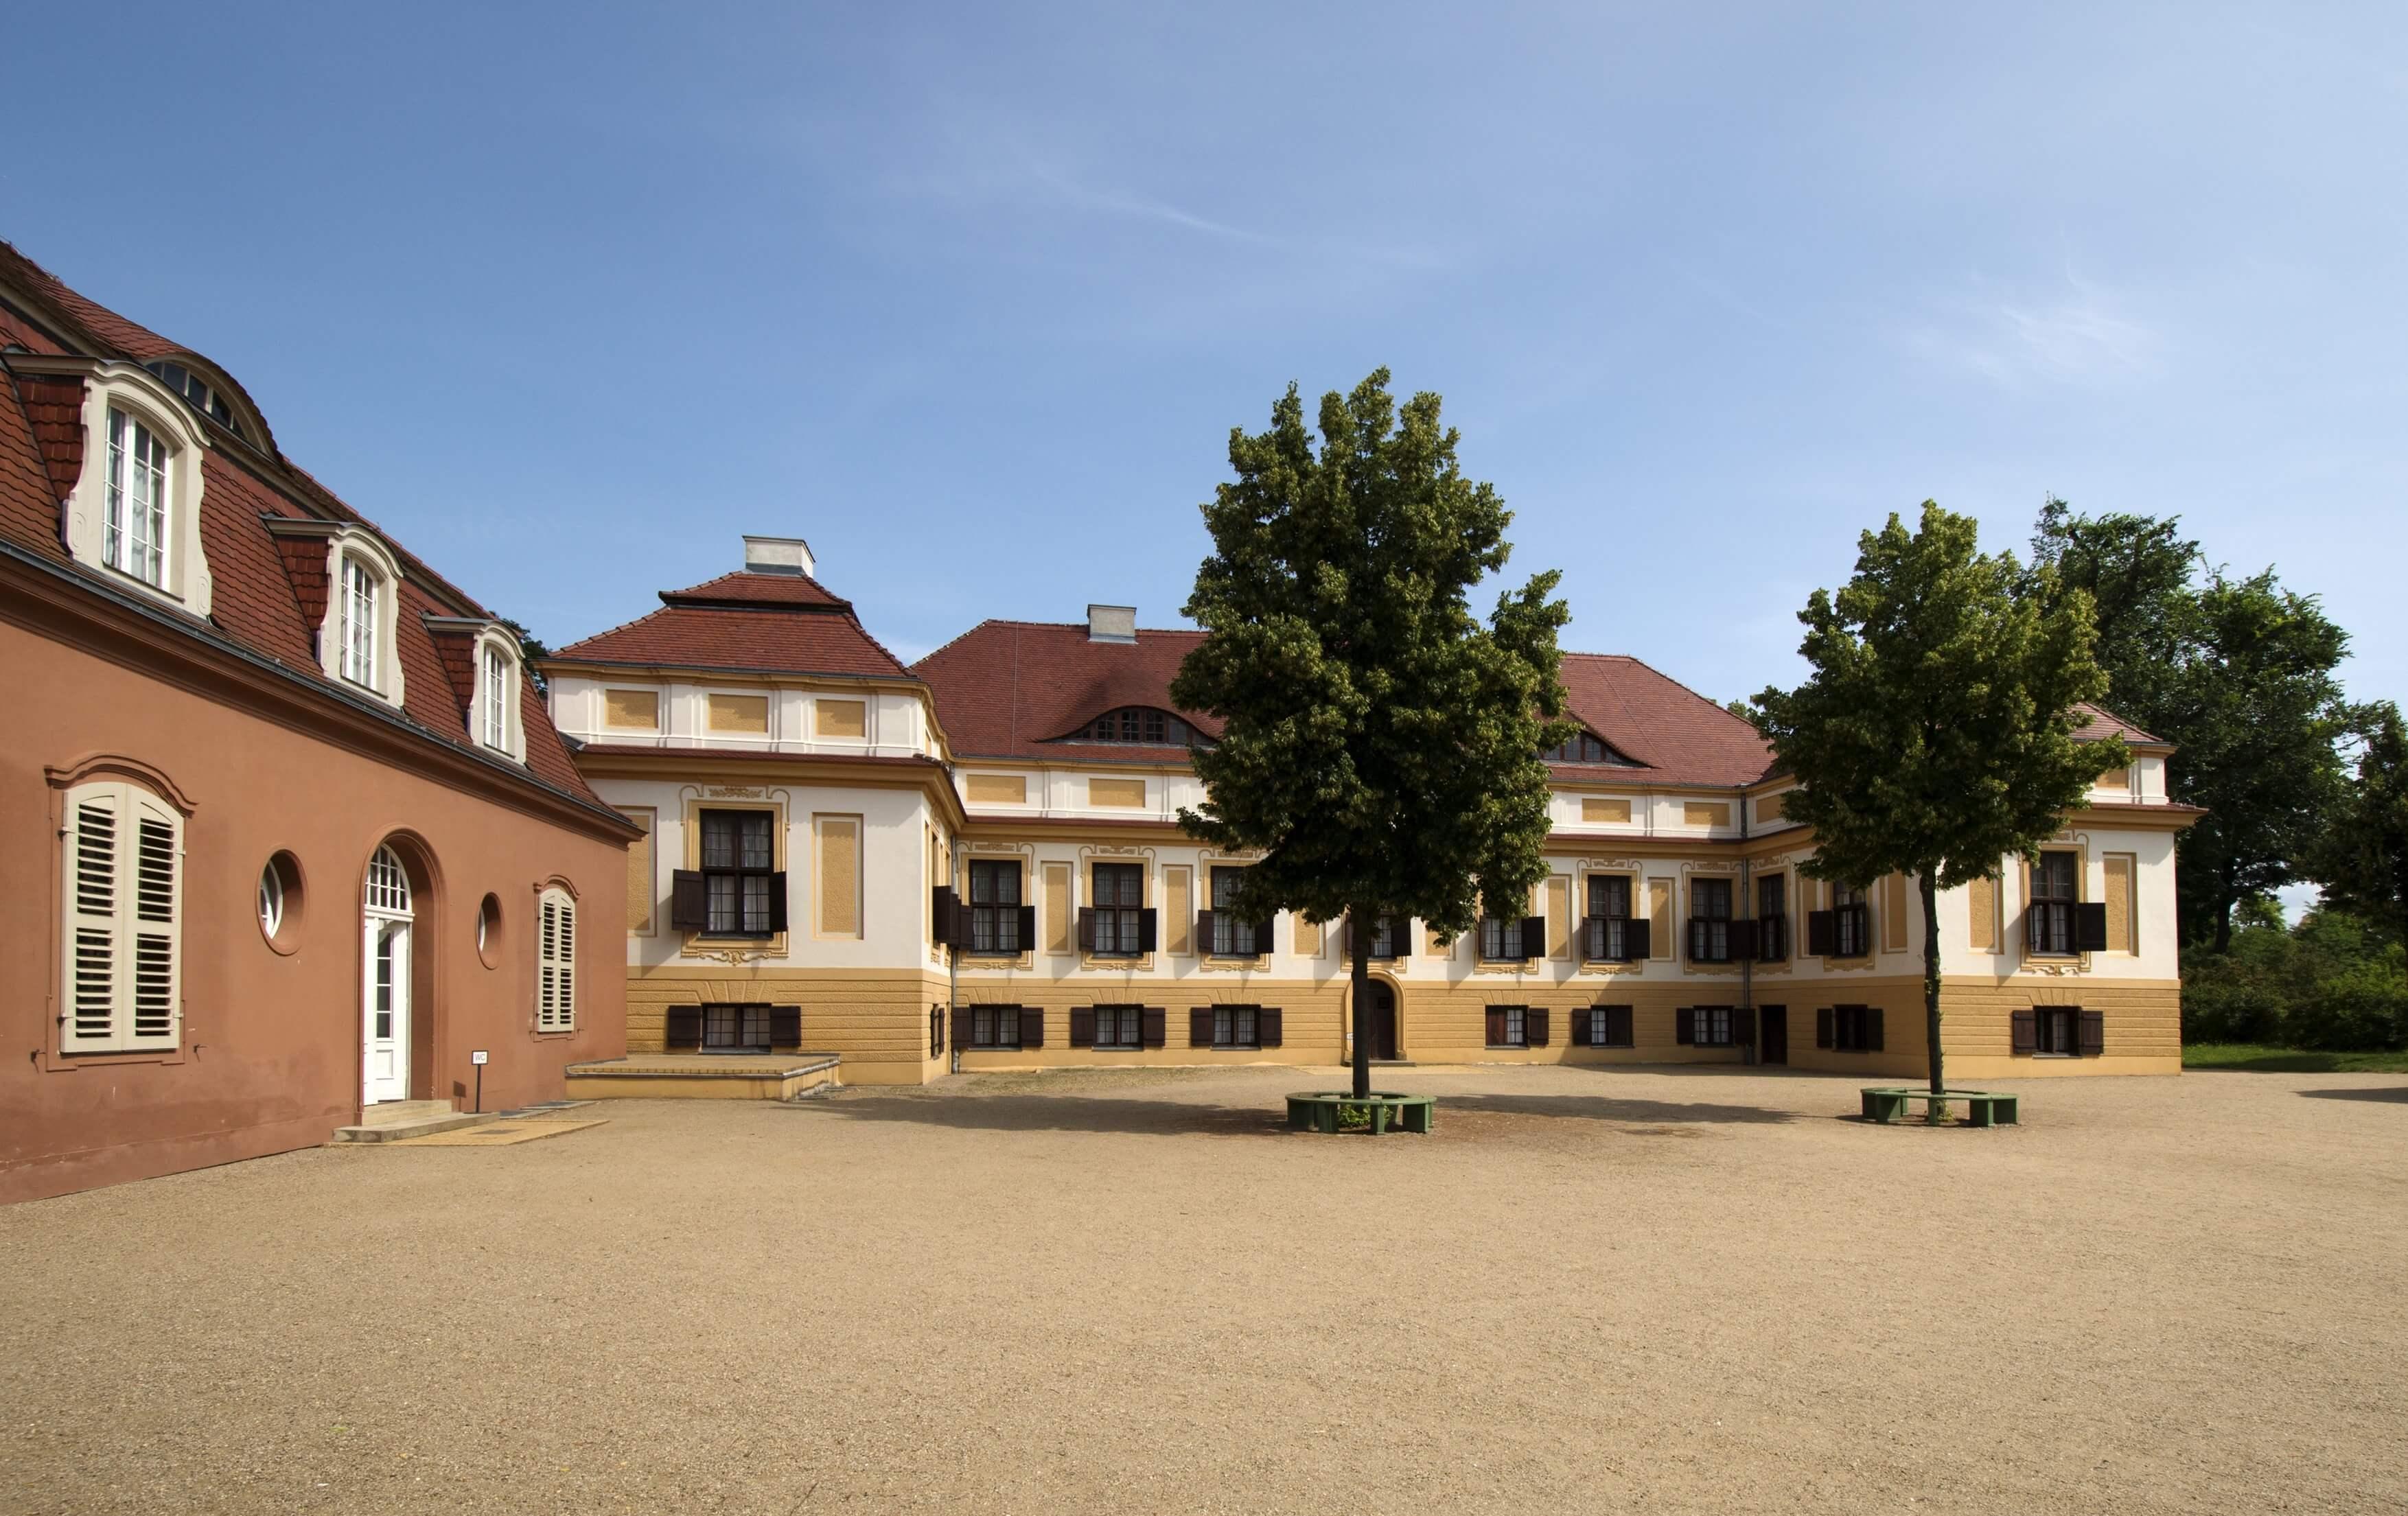 Schloss Caputh - Strasse der Einheit